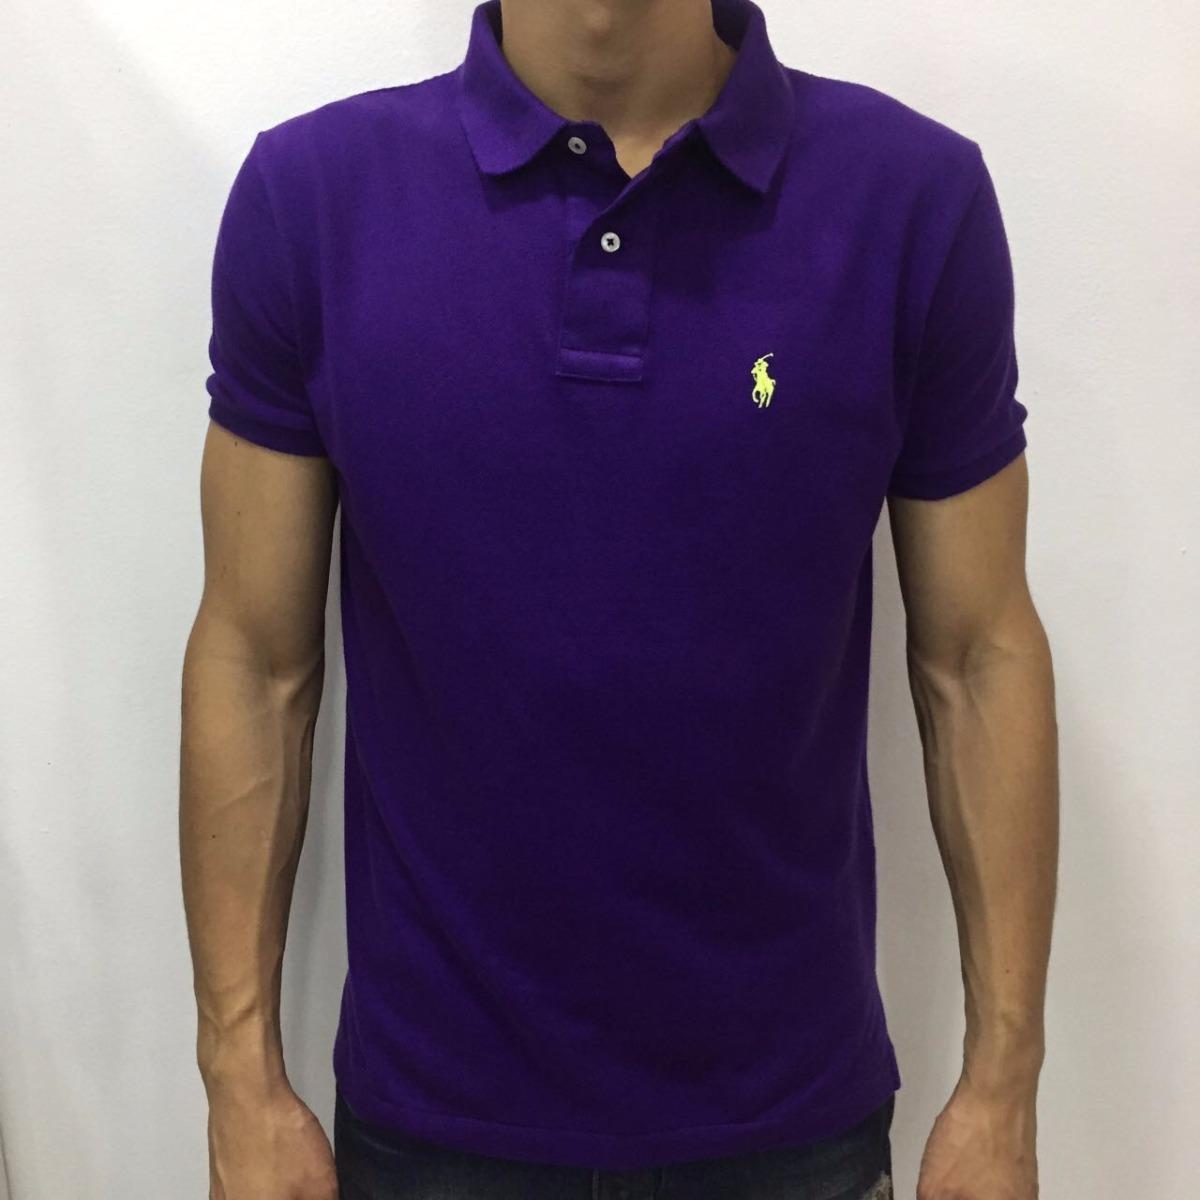 kit 7 camiseta polo ralph lauren original atacado promoção. Carregando zoom. e6f74d83dc3